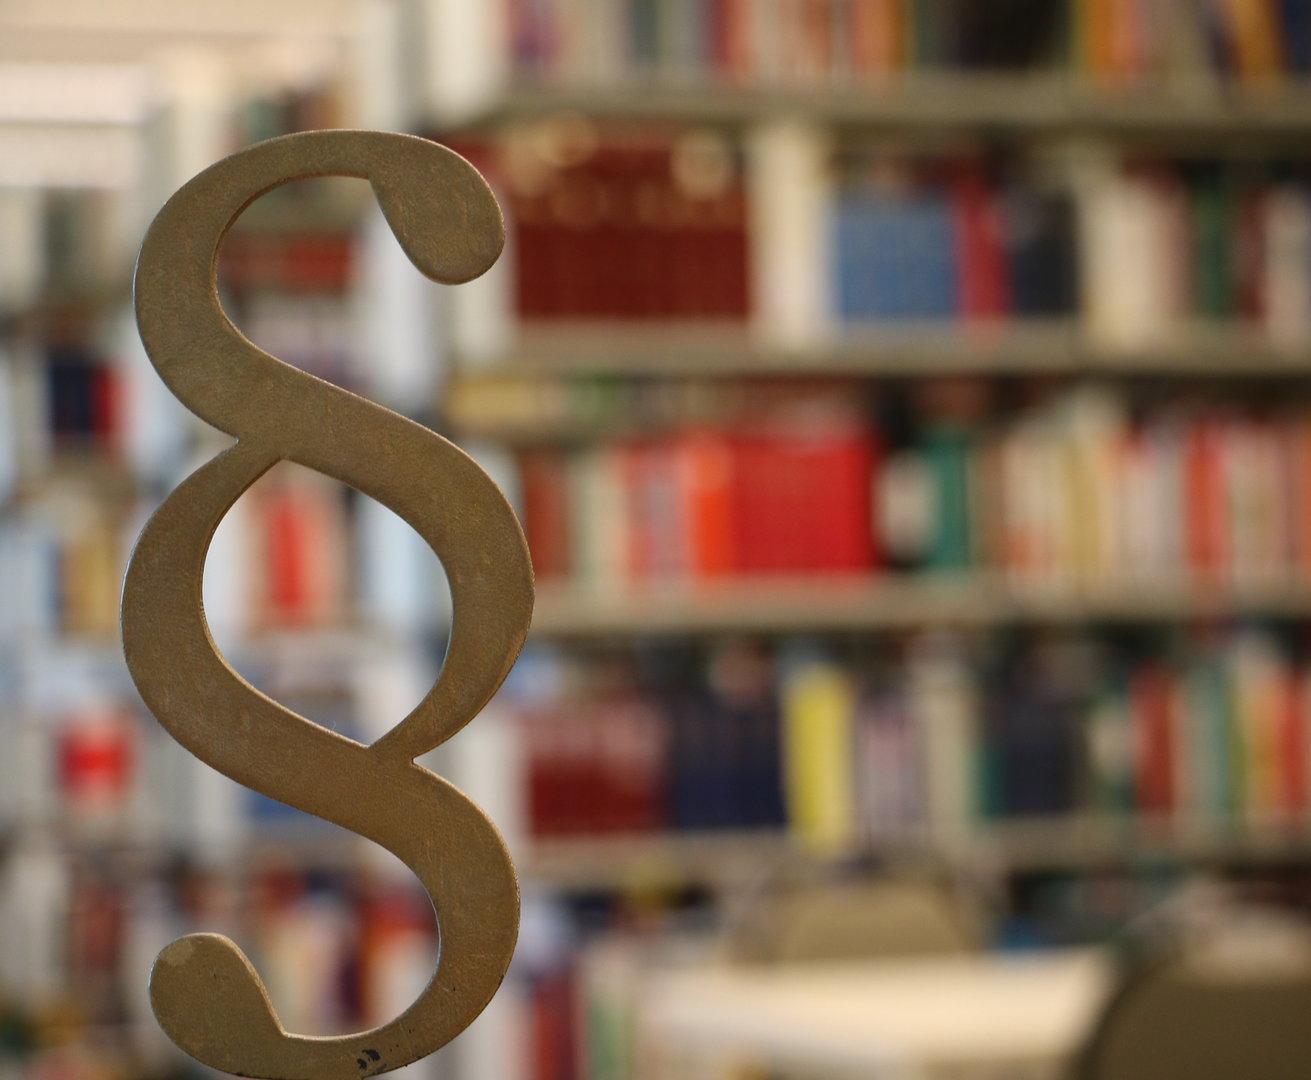 Kleinskulptur Paragraphenzeichen vor Bücherregal